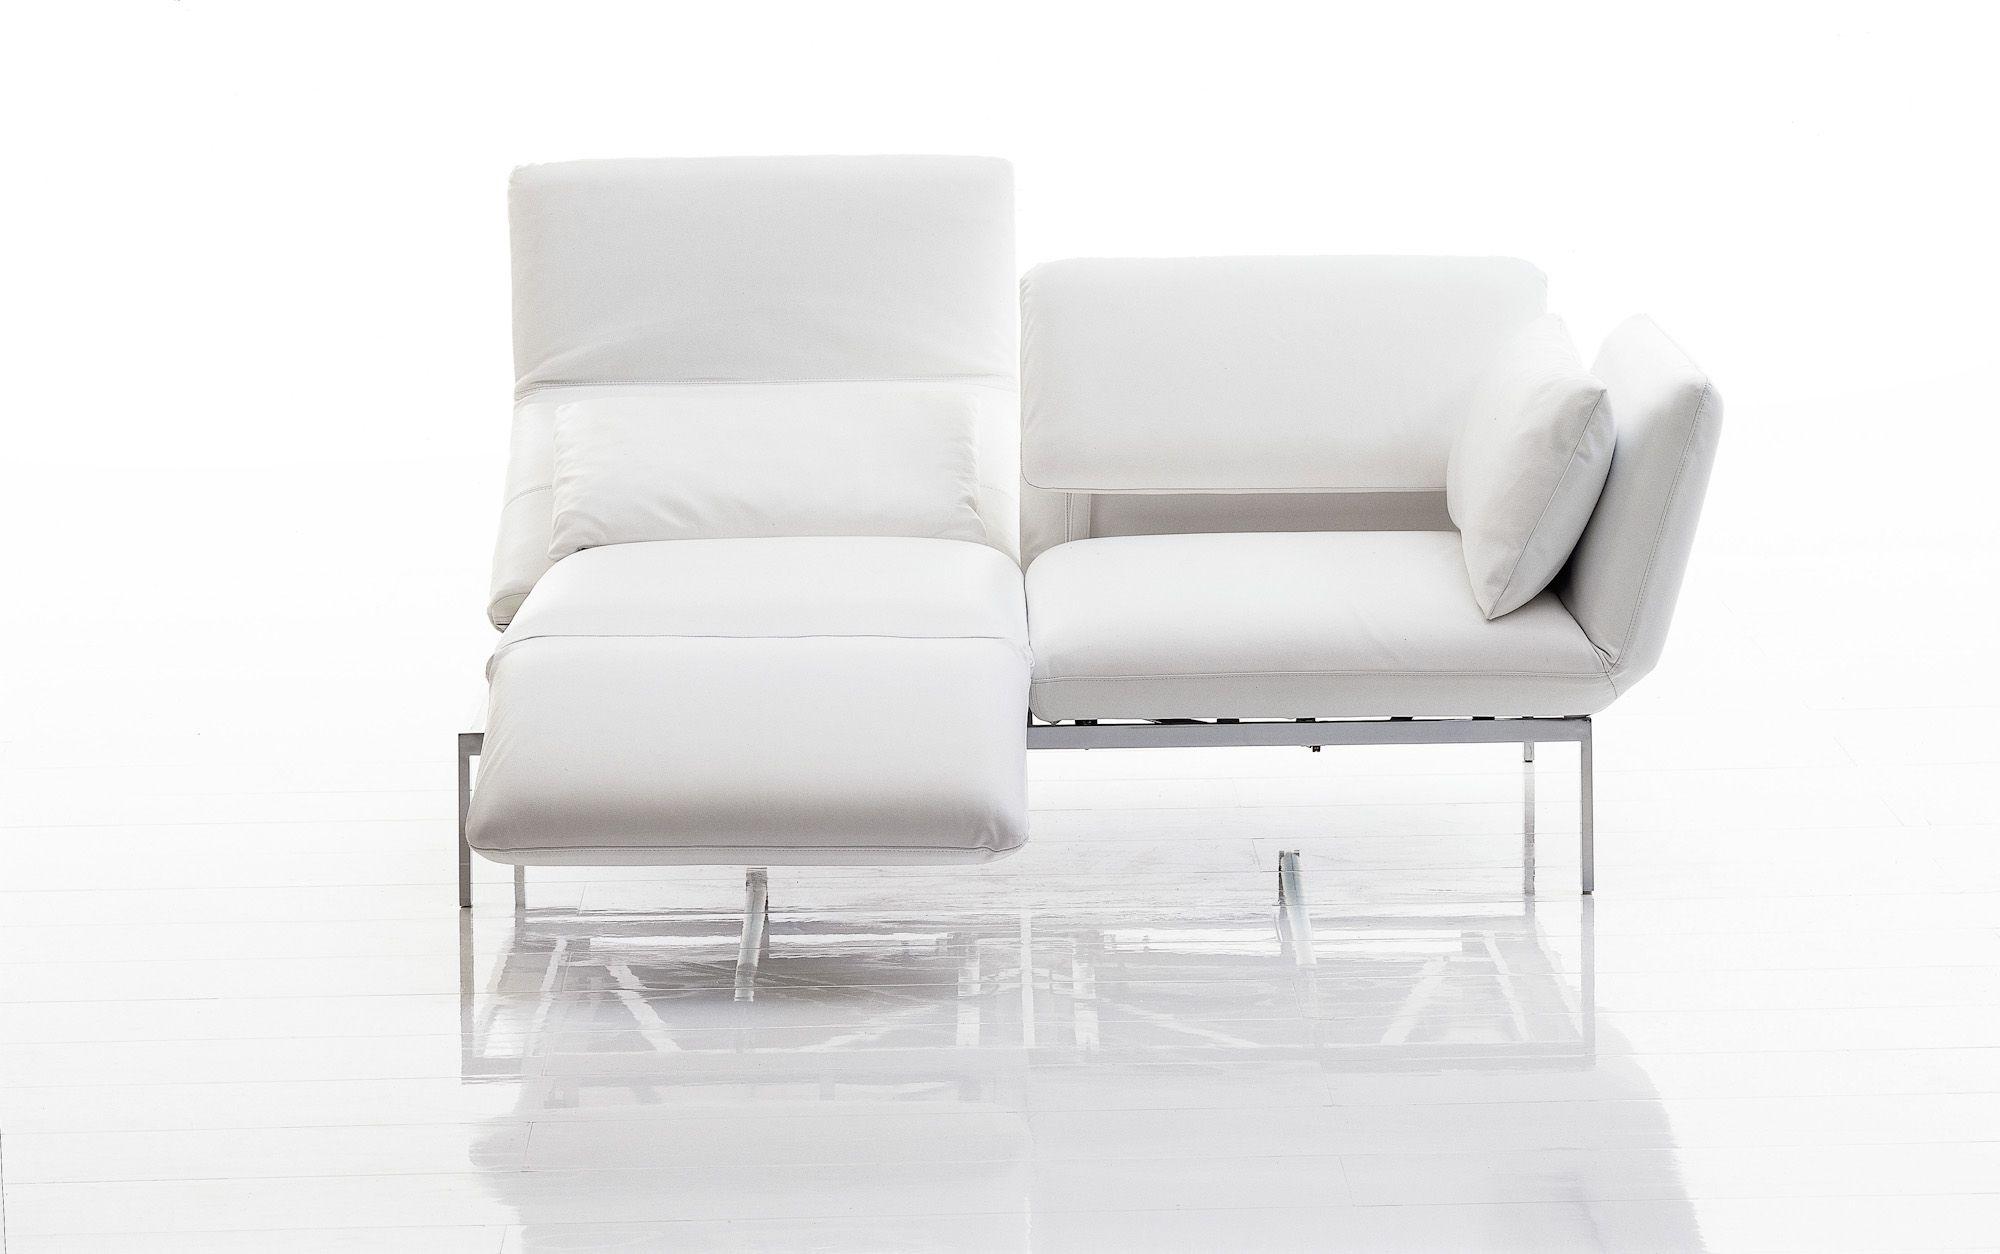 Sofa Leder Weiss Klappbare Armlehne Schwenkbare Fussauflage